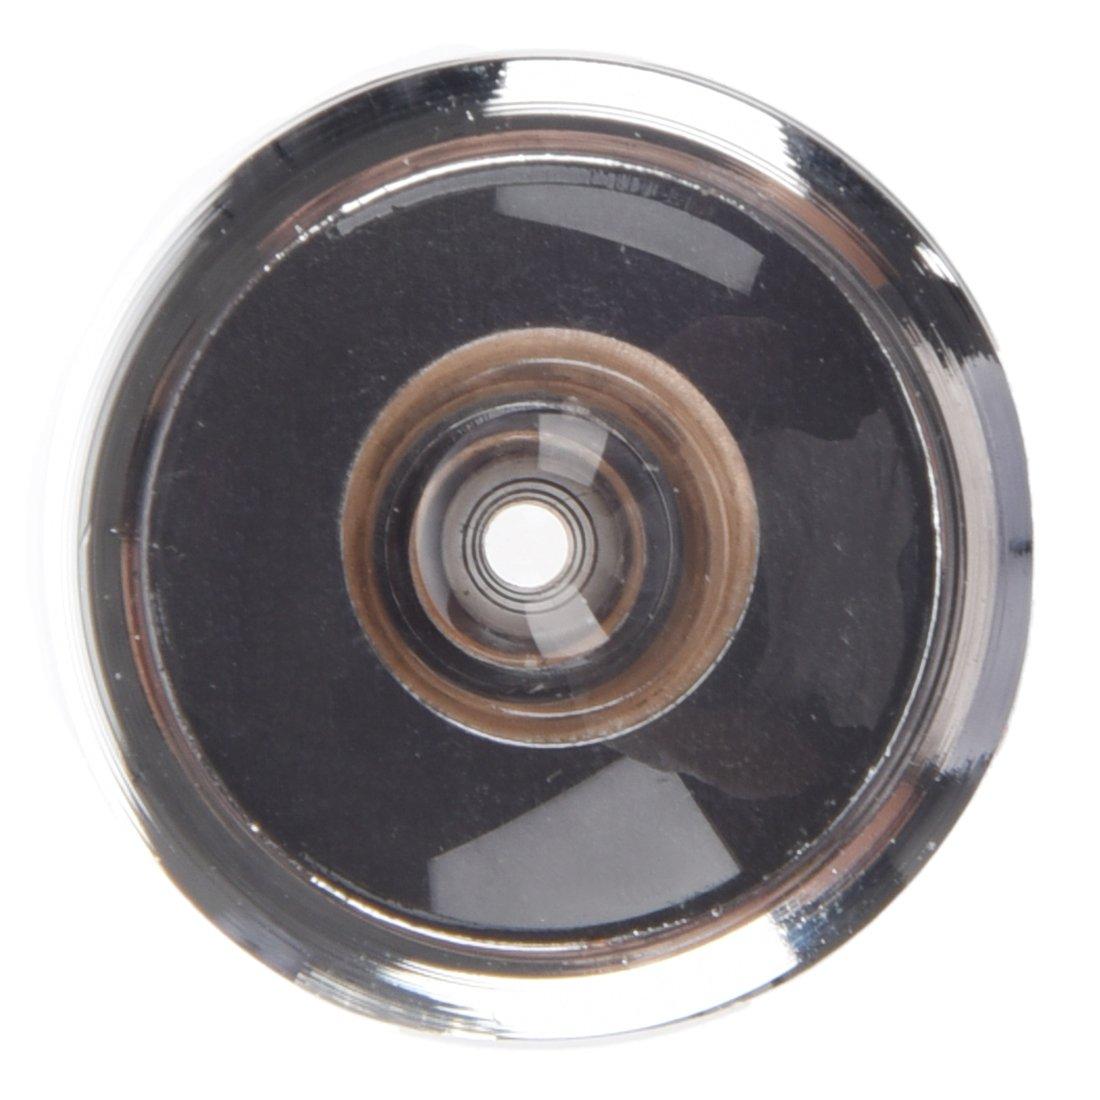 REFURBISHHOUSE Espectador Mirilla de Puerta 14mm 180 Grados Gran Angular